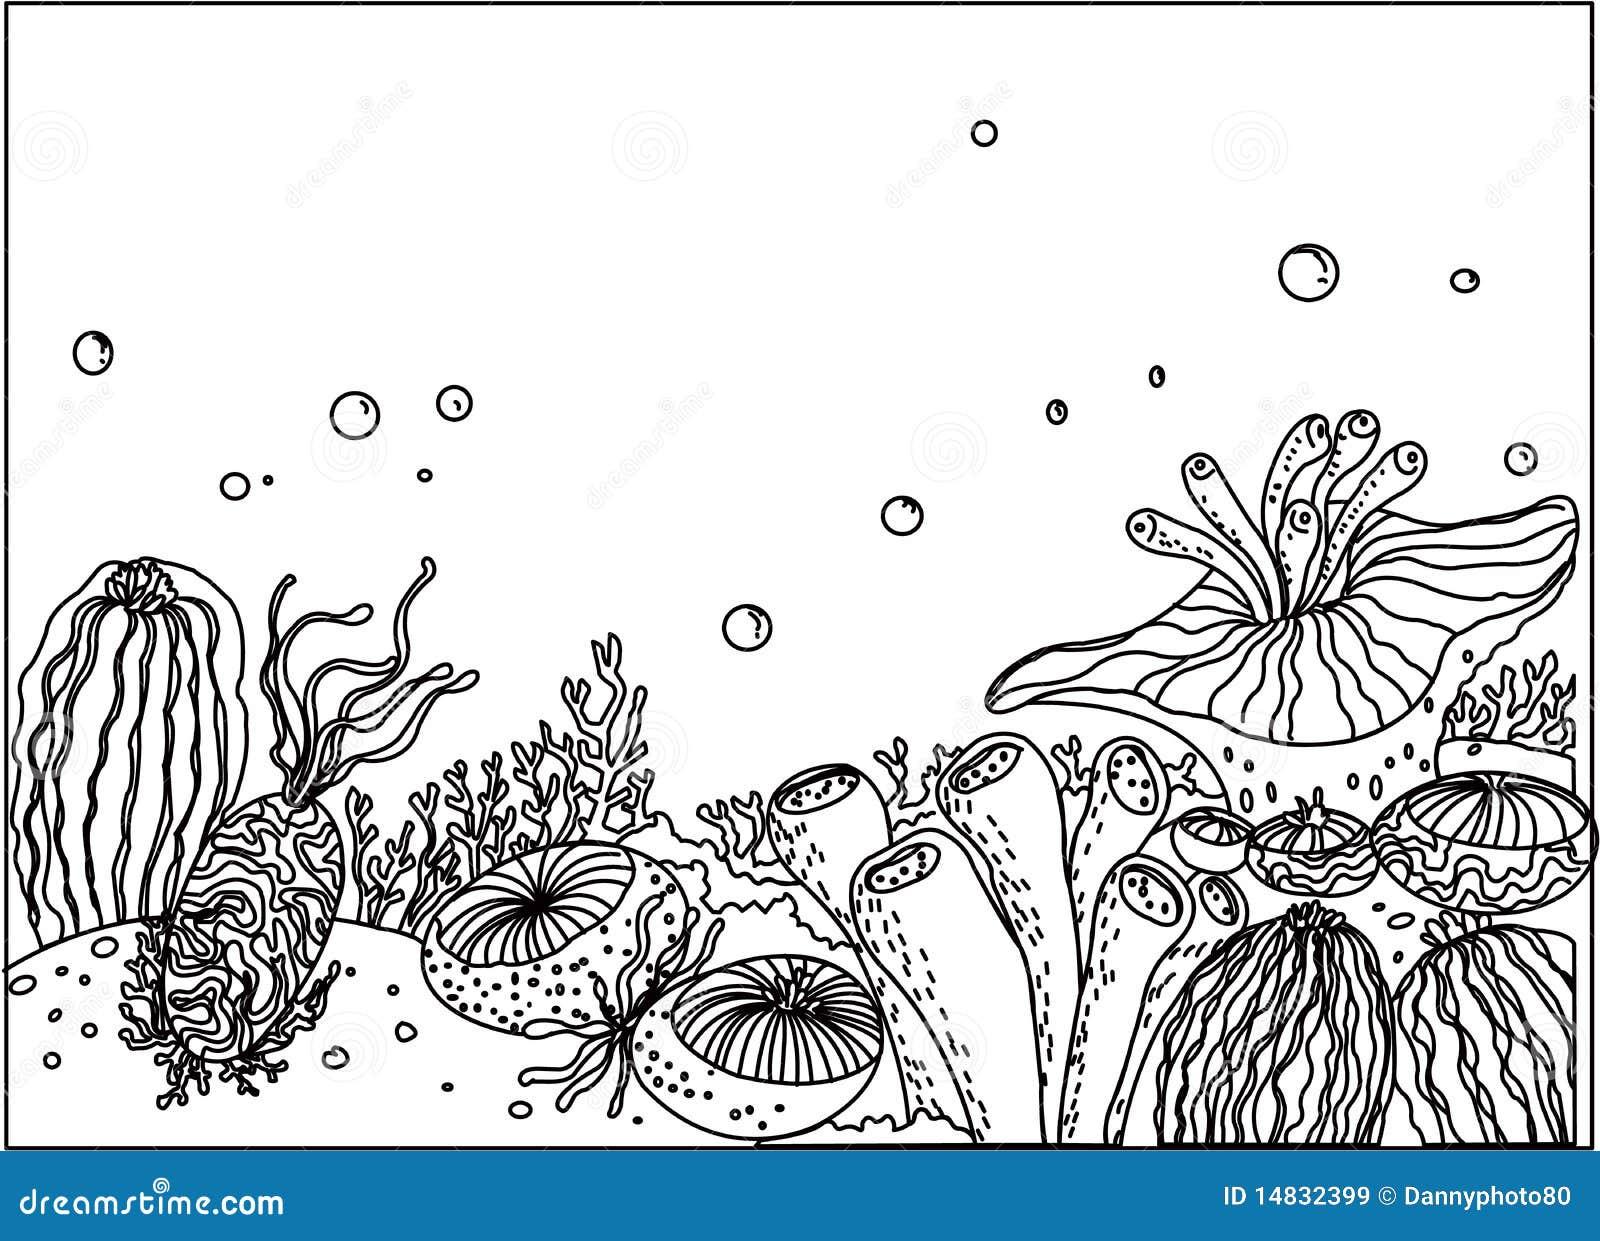 Line Art Underwater : An underwater scene stock vector image of space